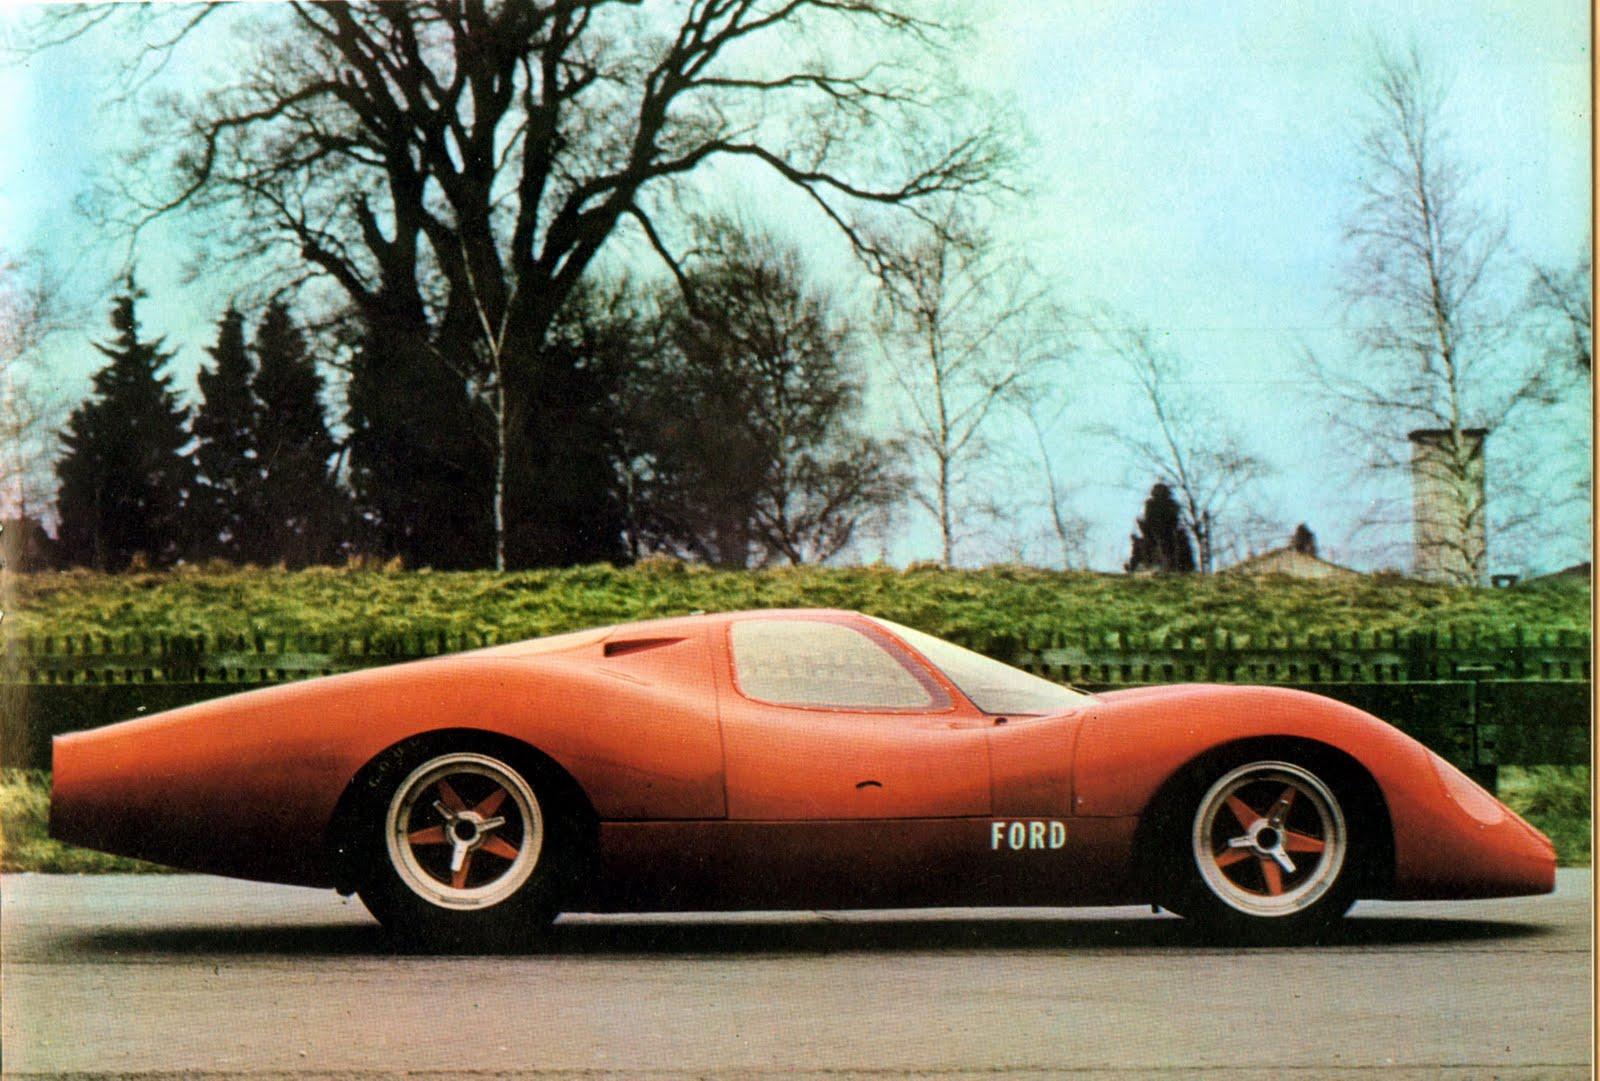 karznshit 39 68 ford f3l sexiest car ever made. Black Bedroom Furniture Sets. Home Design Ideas